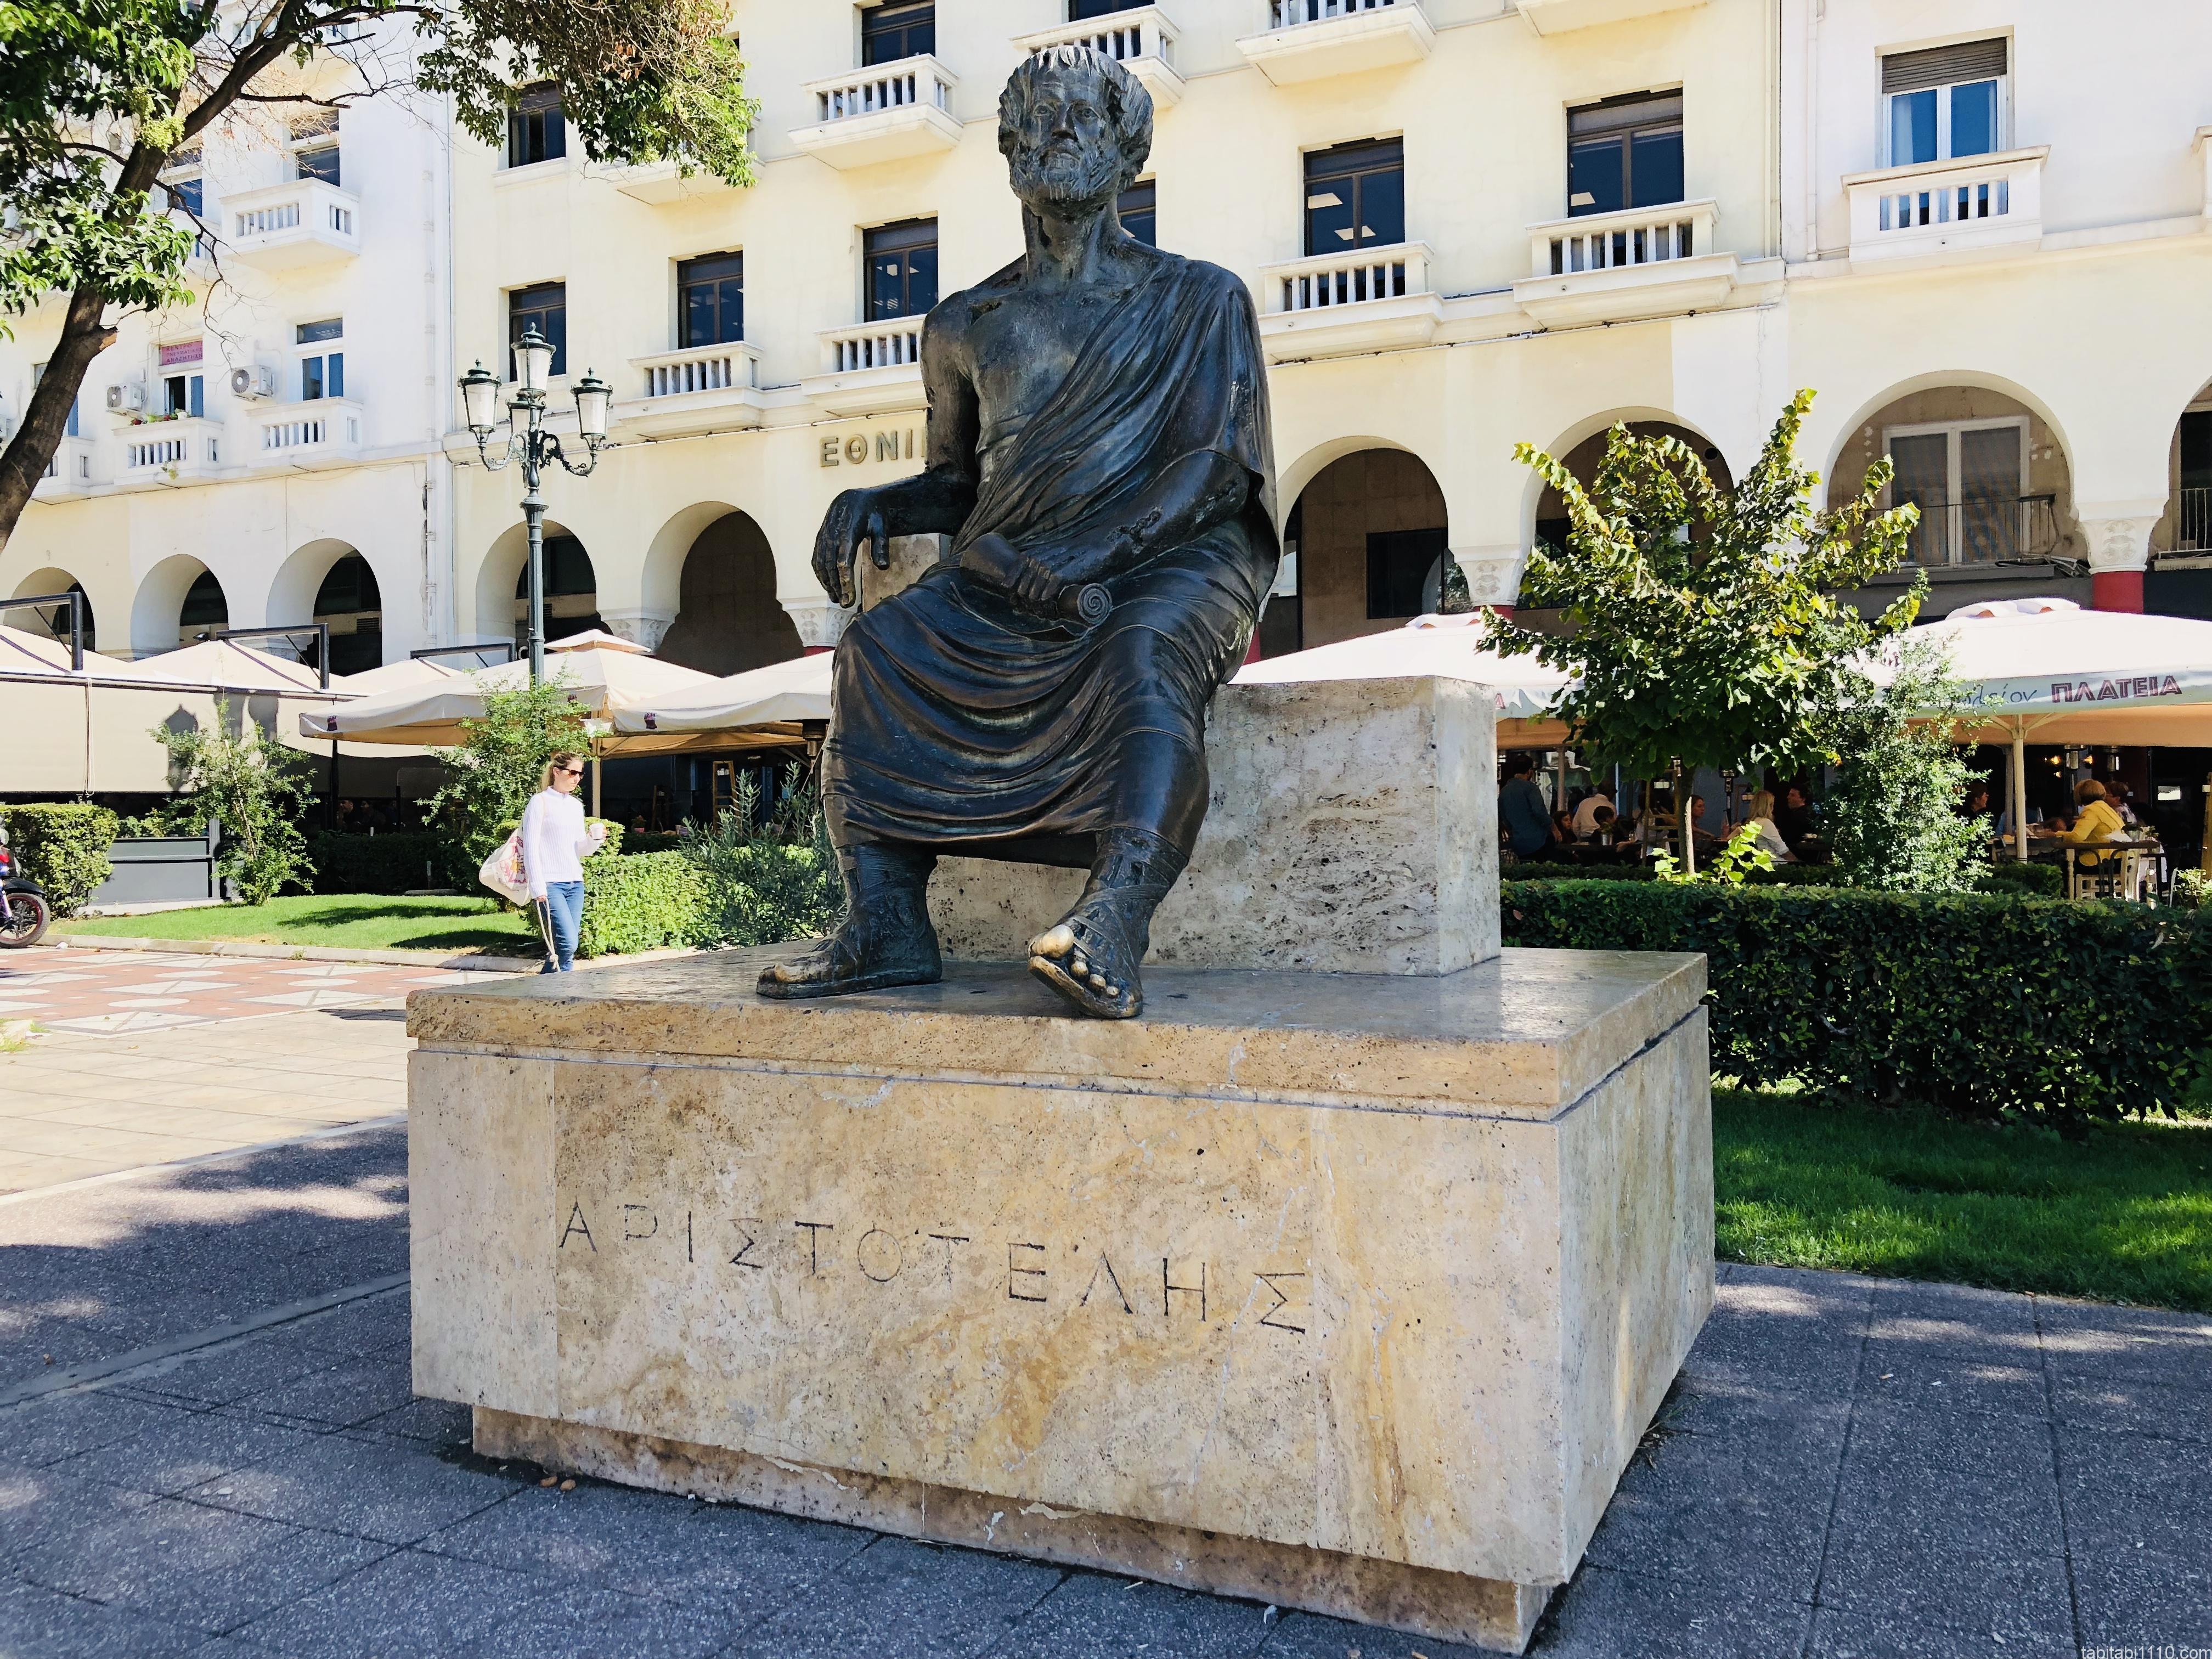 テッサロニキ観光|アリストテレス広場のアリストテレス像